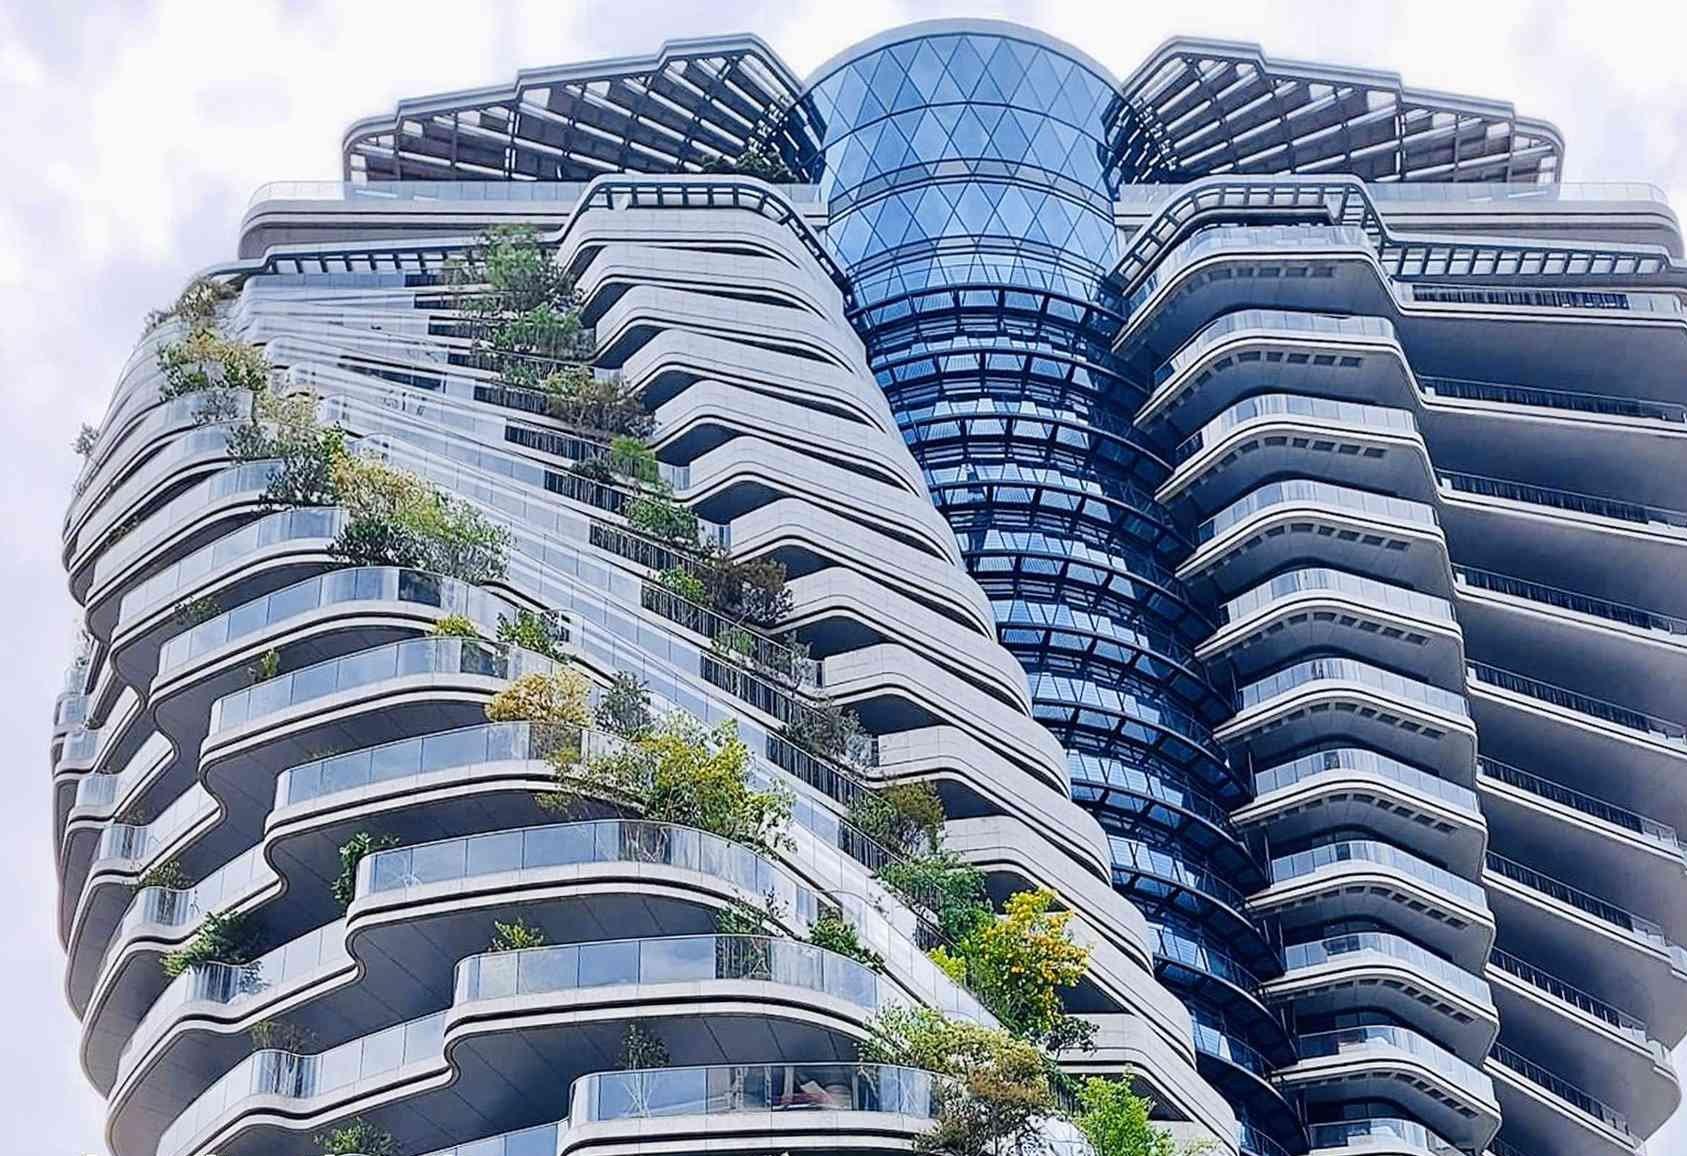 Možete li pretpostaviti što je bila inspiracija za konstrukciju zelenog uvijajućeg nebodera?